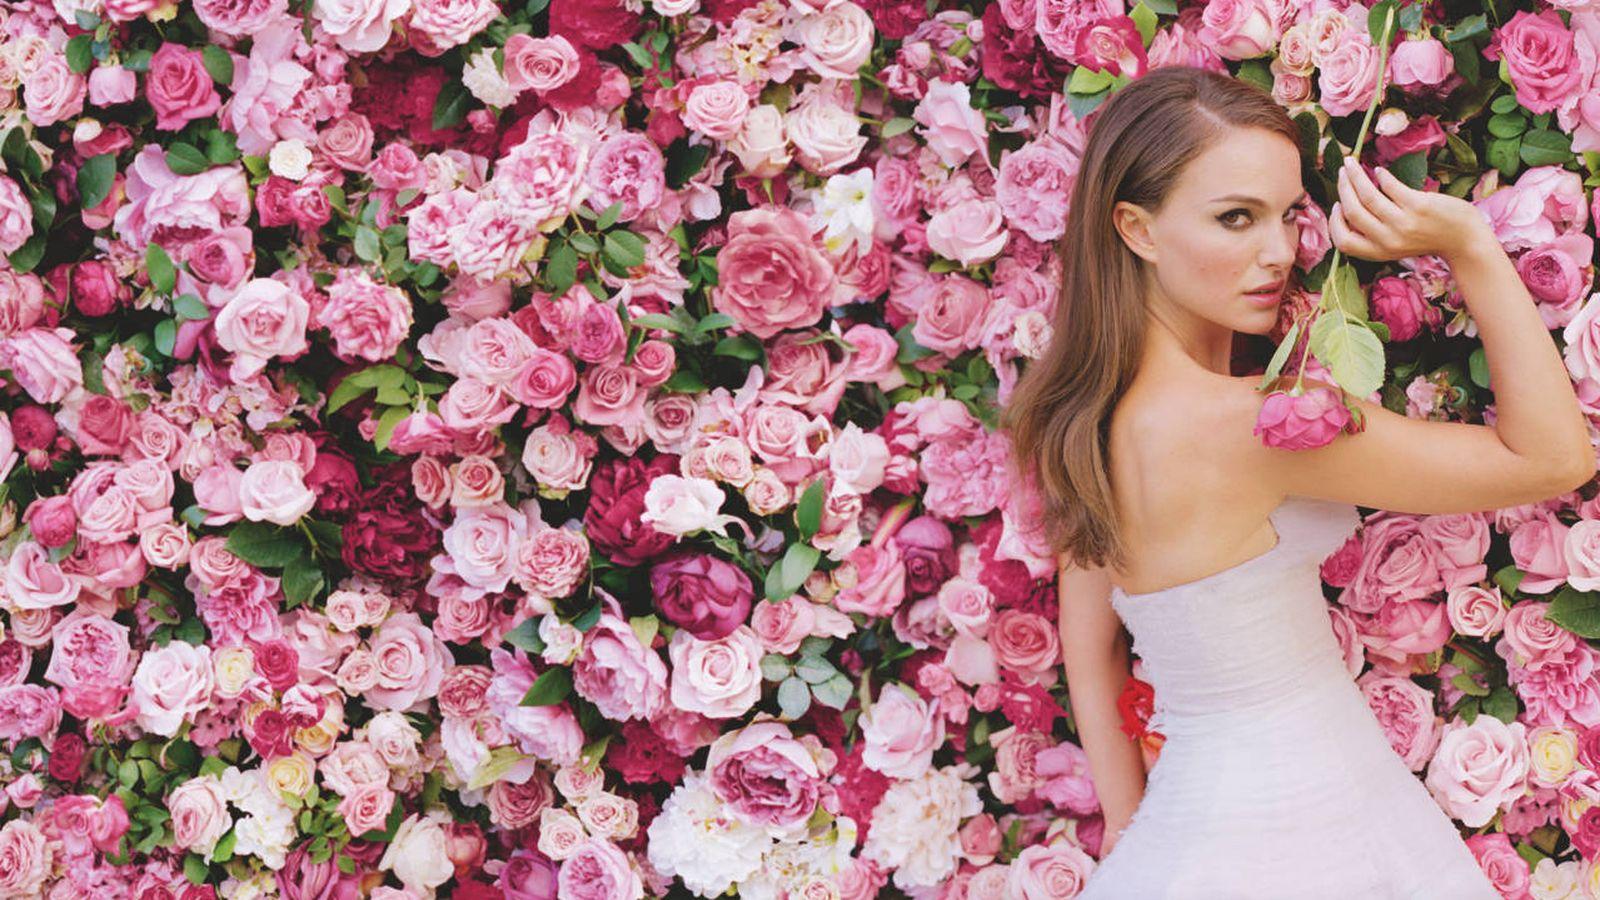 Foto: Imagen de la campaña de Miss Dior de Dior.